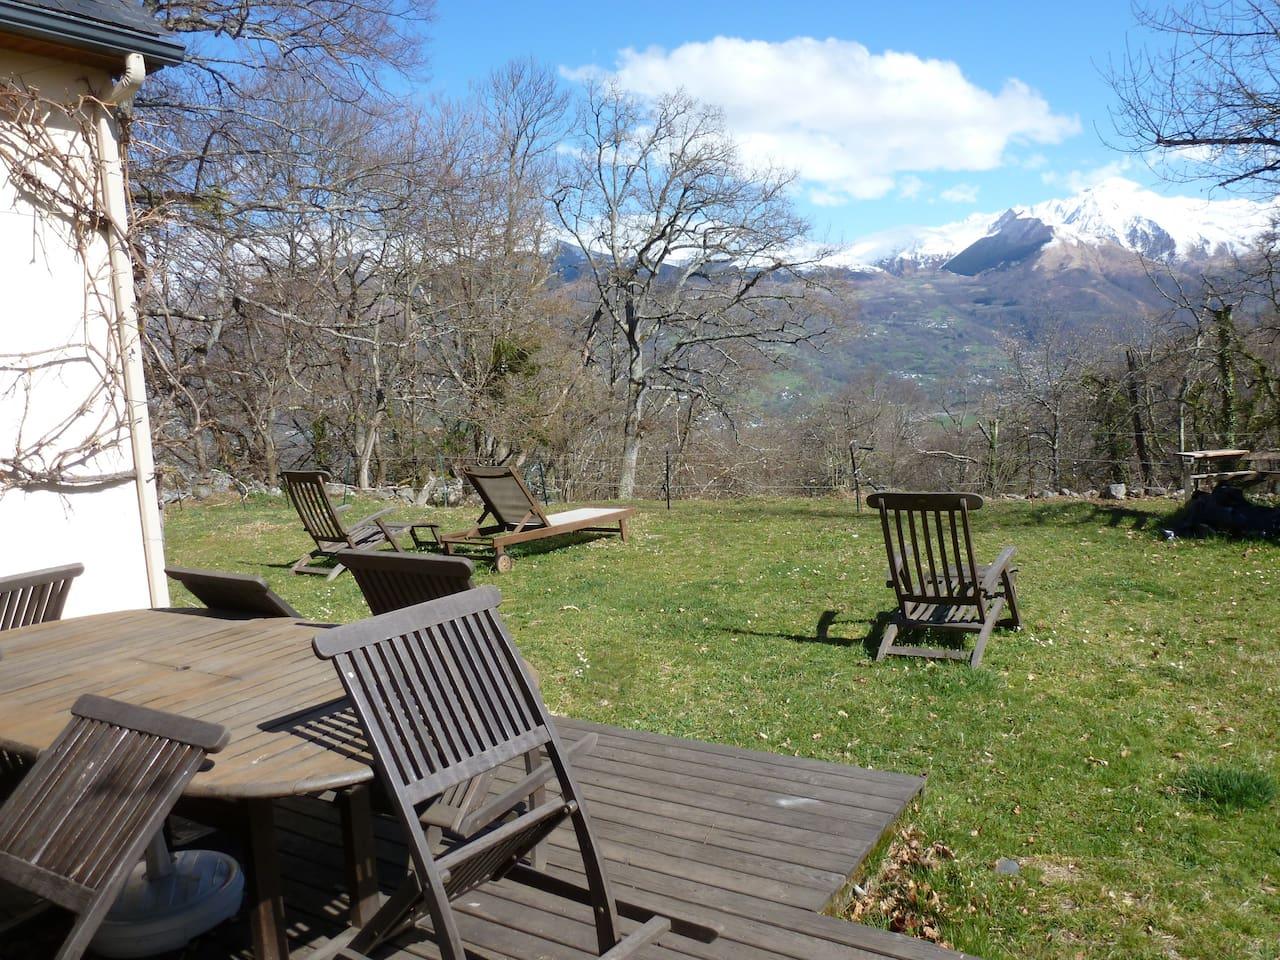 Vue depuis la chambre. En face, la station de ski de Hautacam. Dans la vallée, la bourgade d'Argelès-Gazost (station thermale). Photo prise début avril.